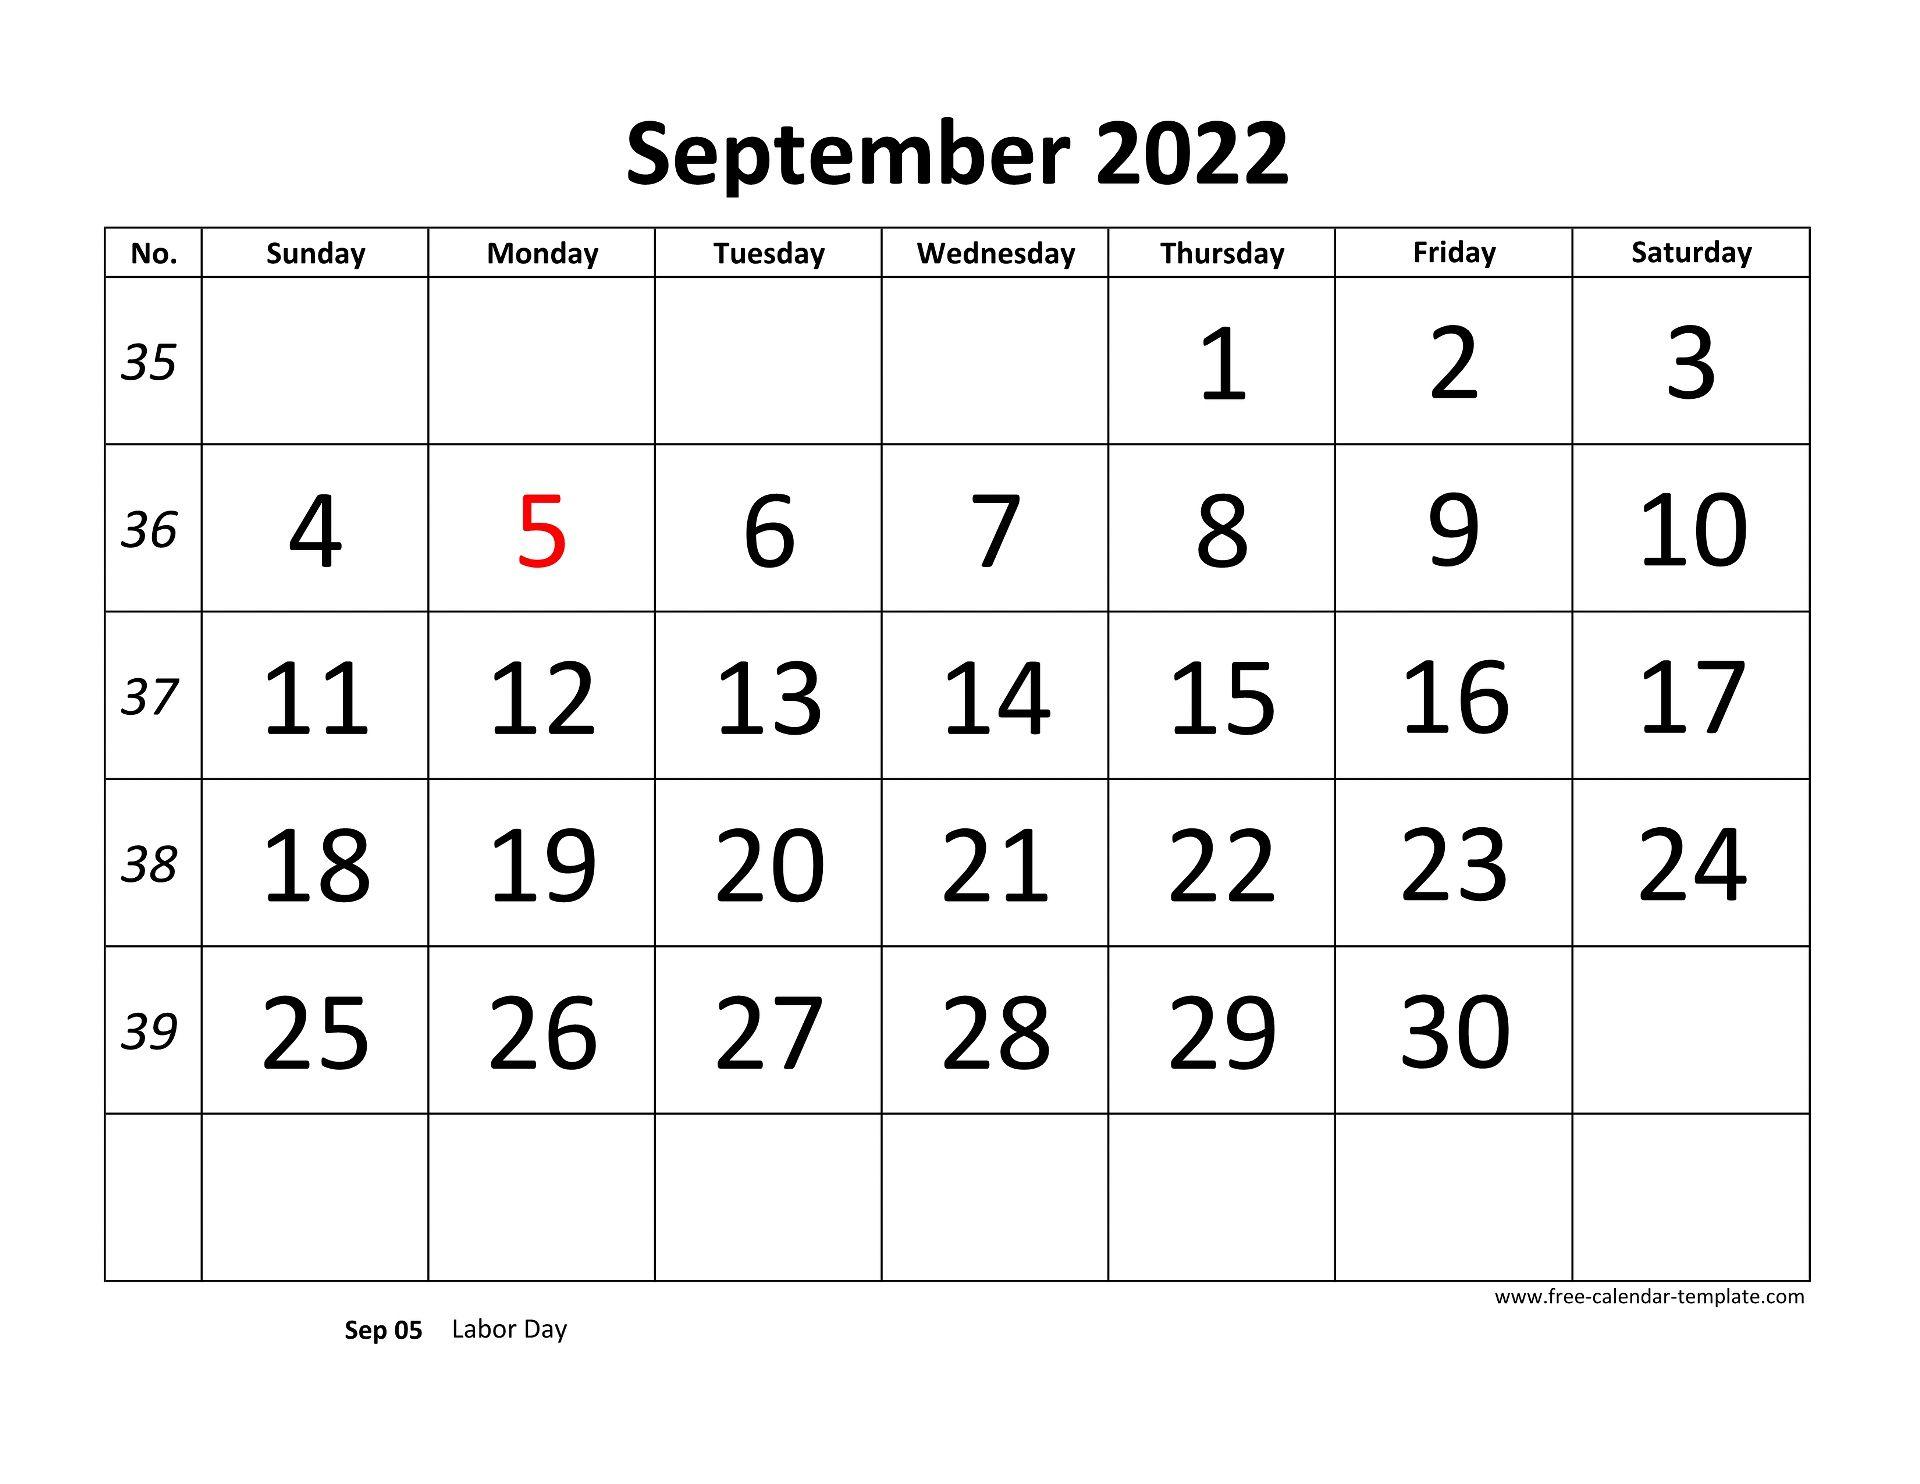 September 2022 Free Calendar Tempplate   Free-calendar ...